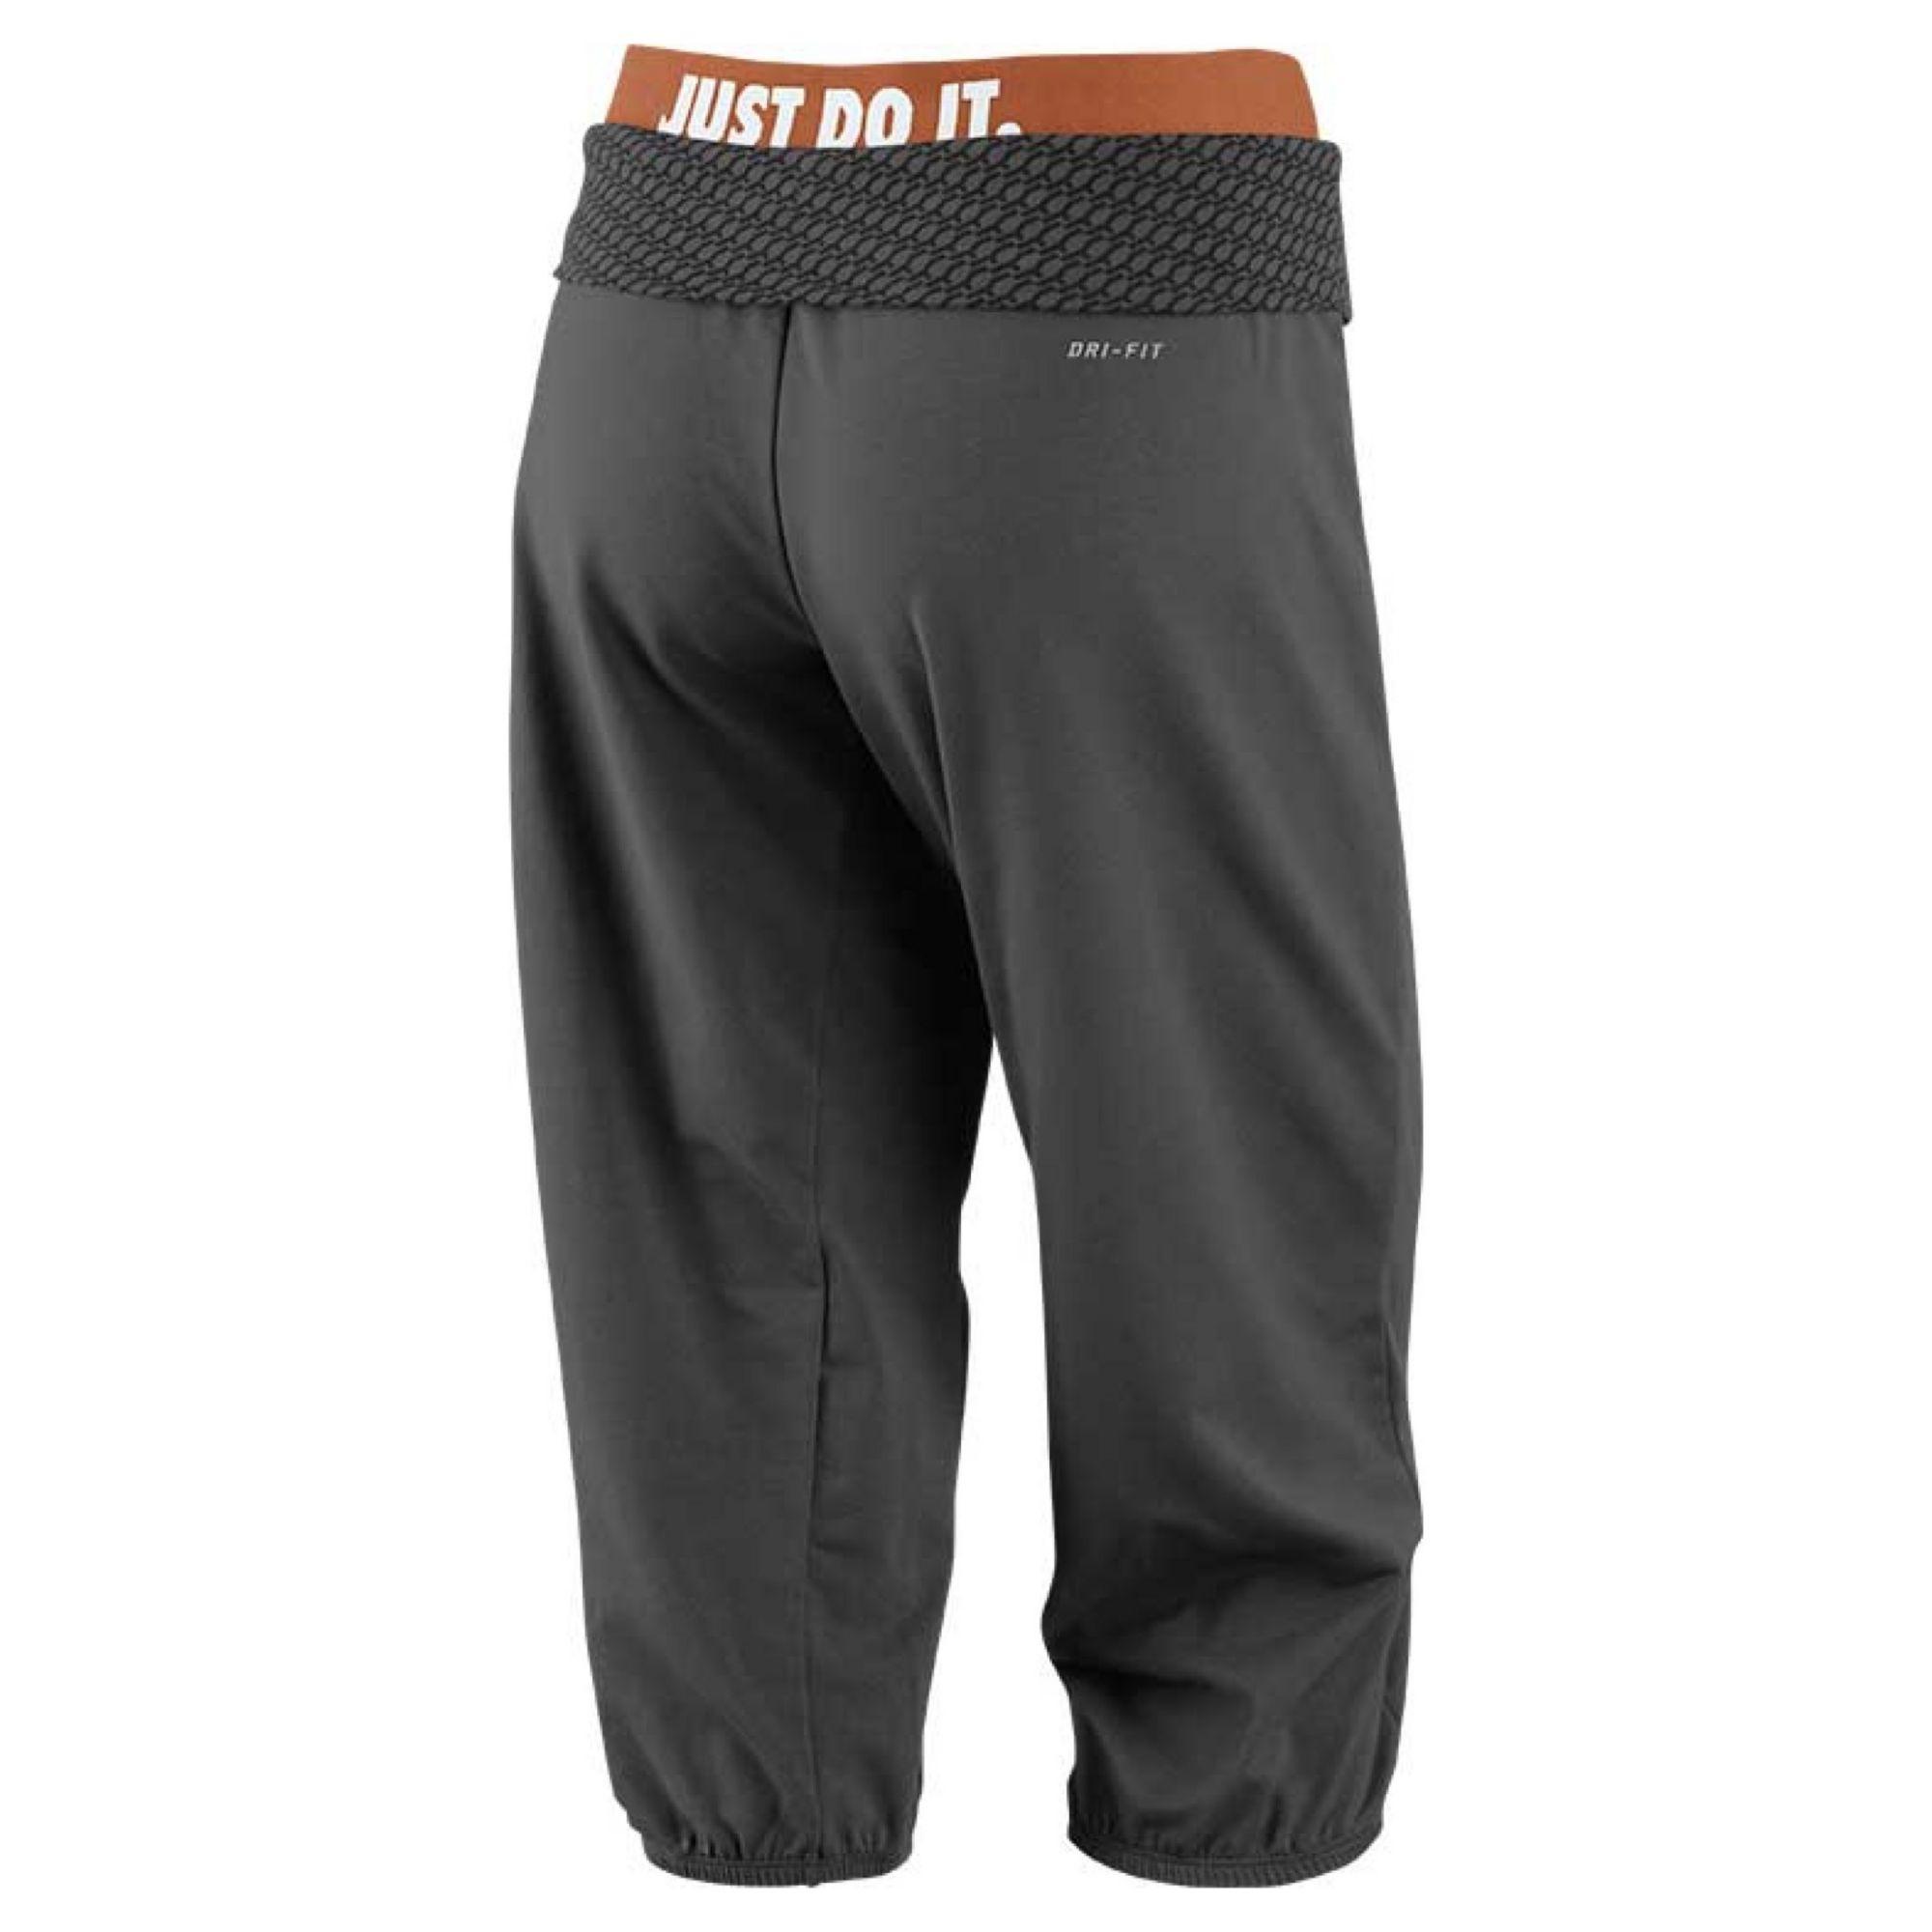 Awesome Nike Womens Dry Tennis Pants - White - Tennisnuts.com